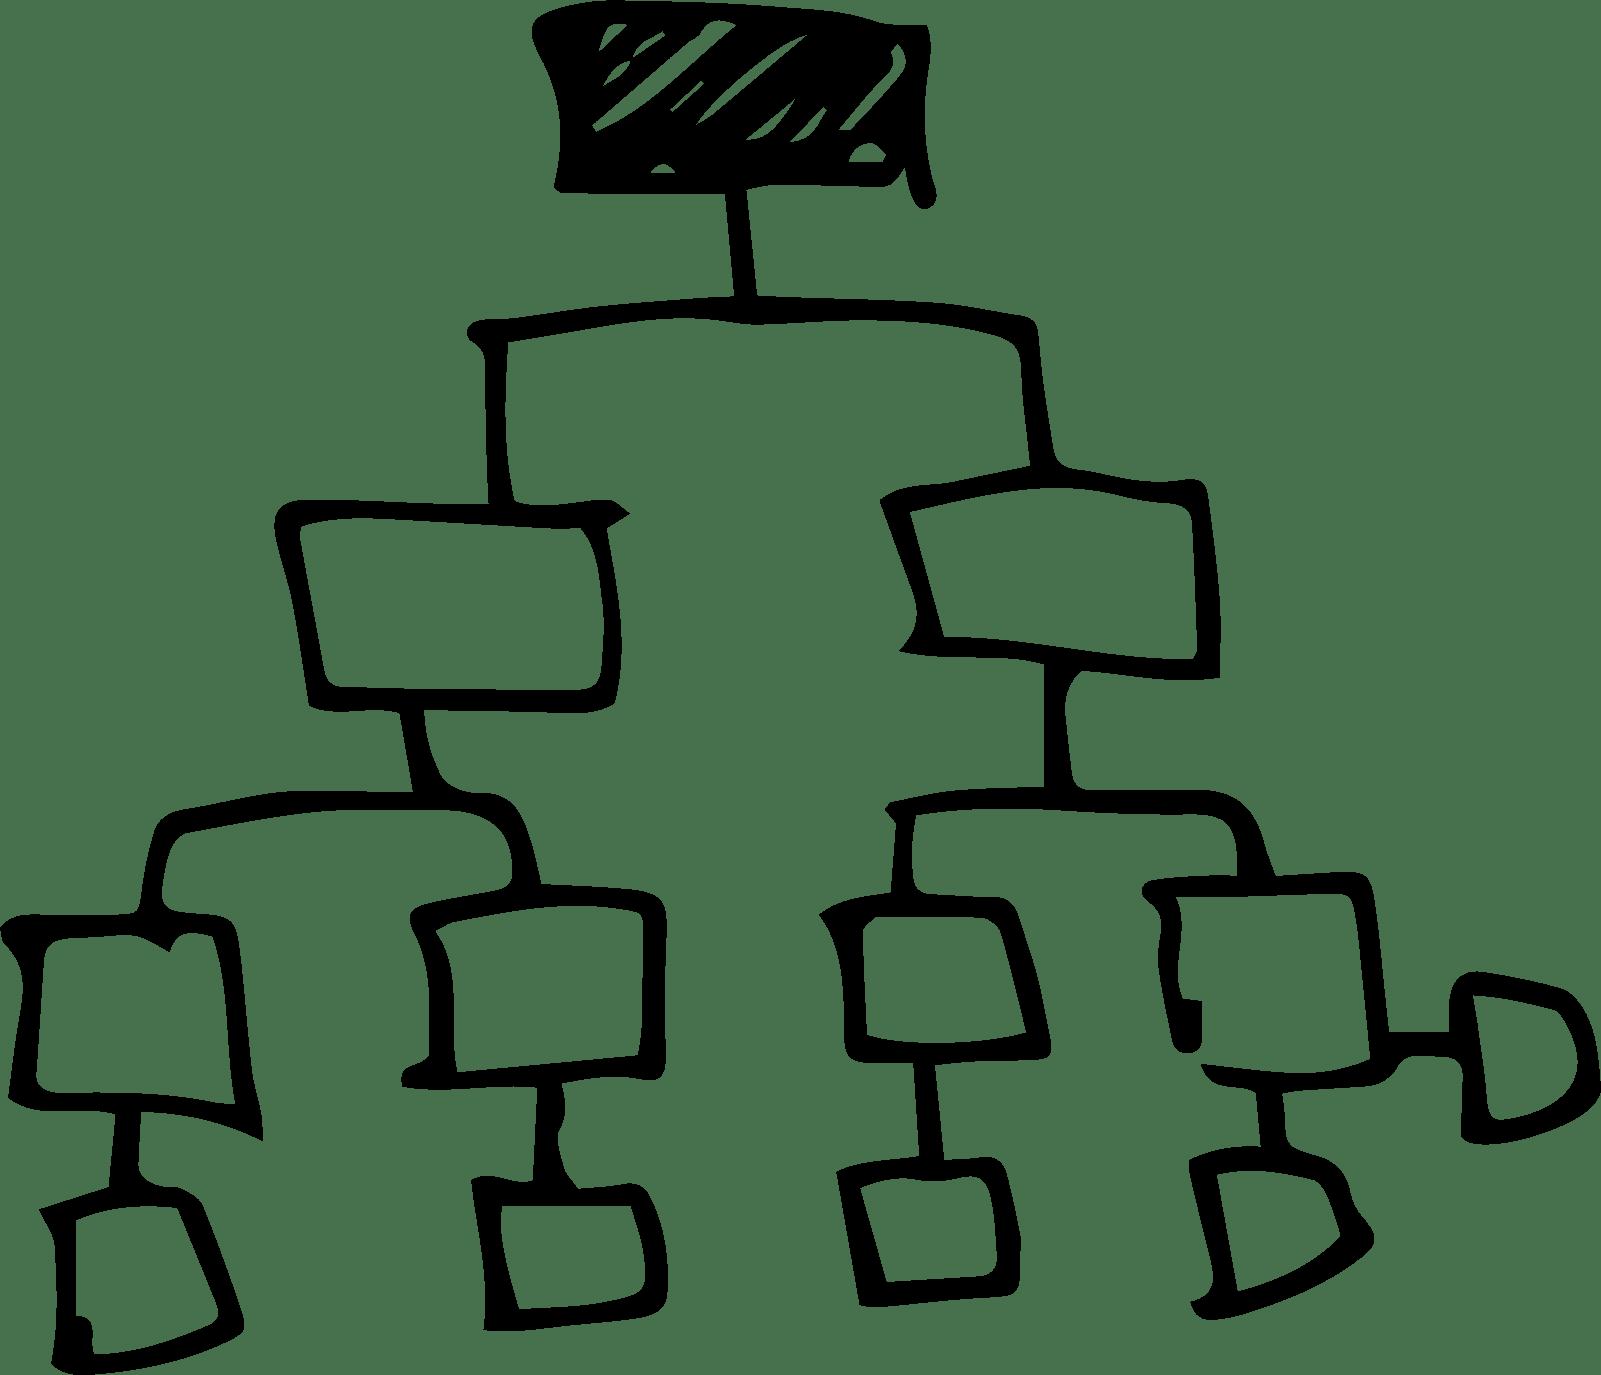 Organize website